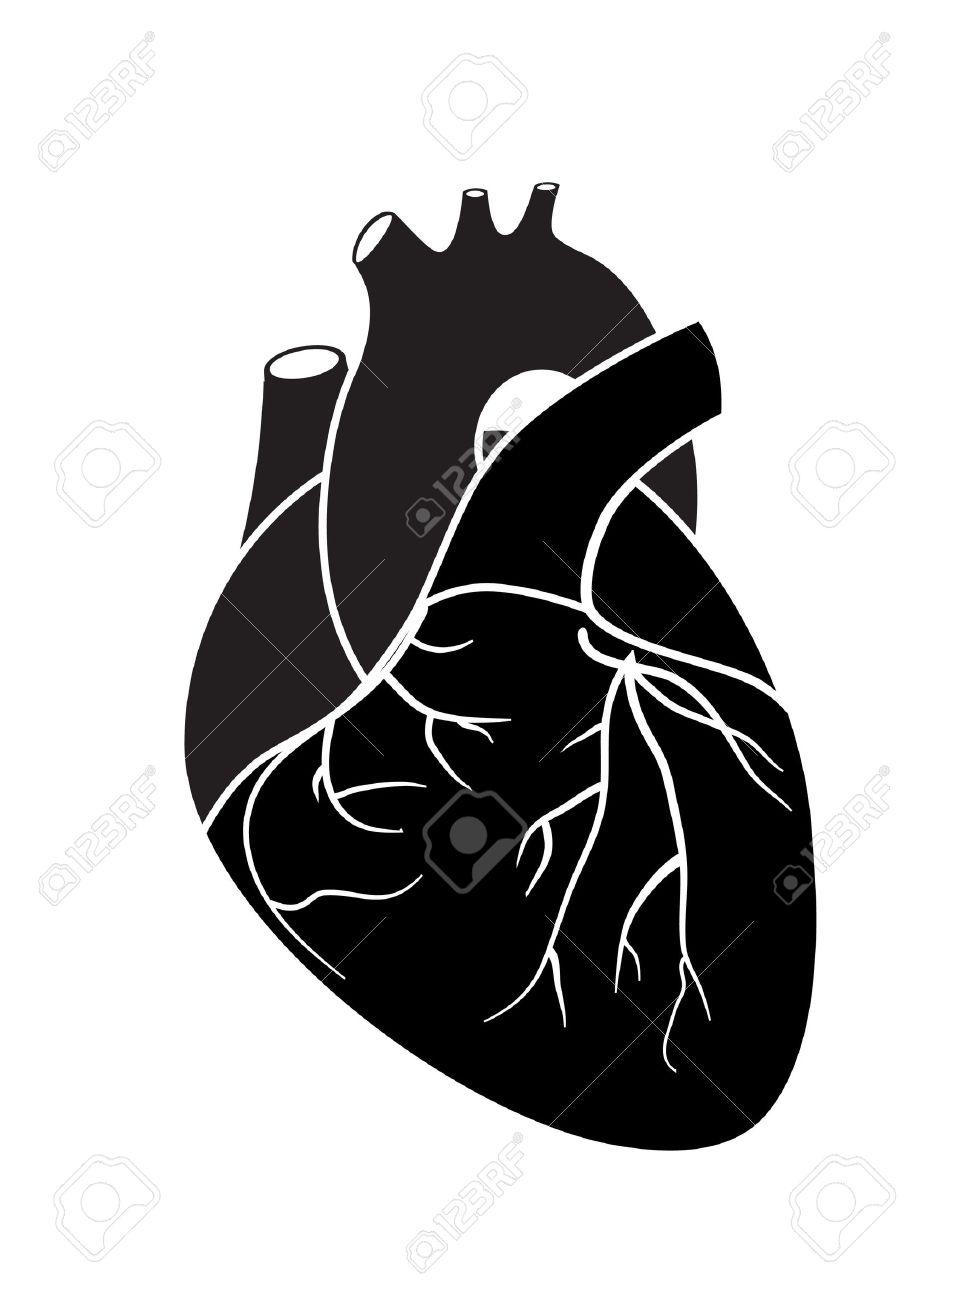 Heart icon Stock Vector - 14751886